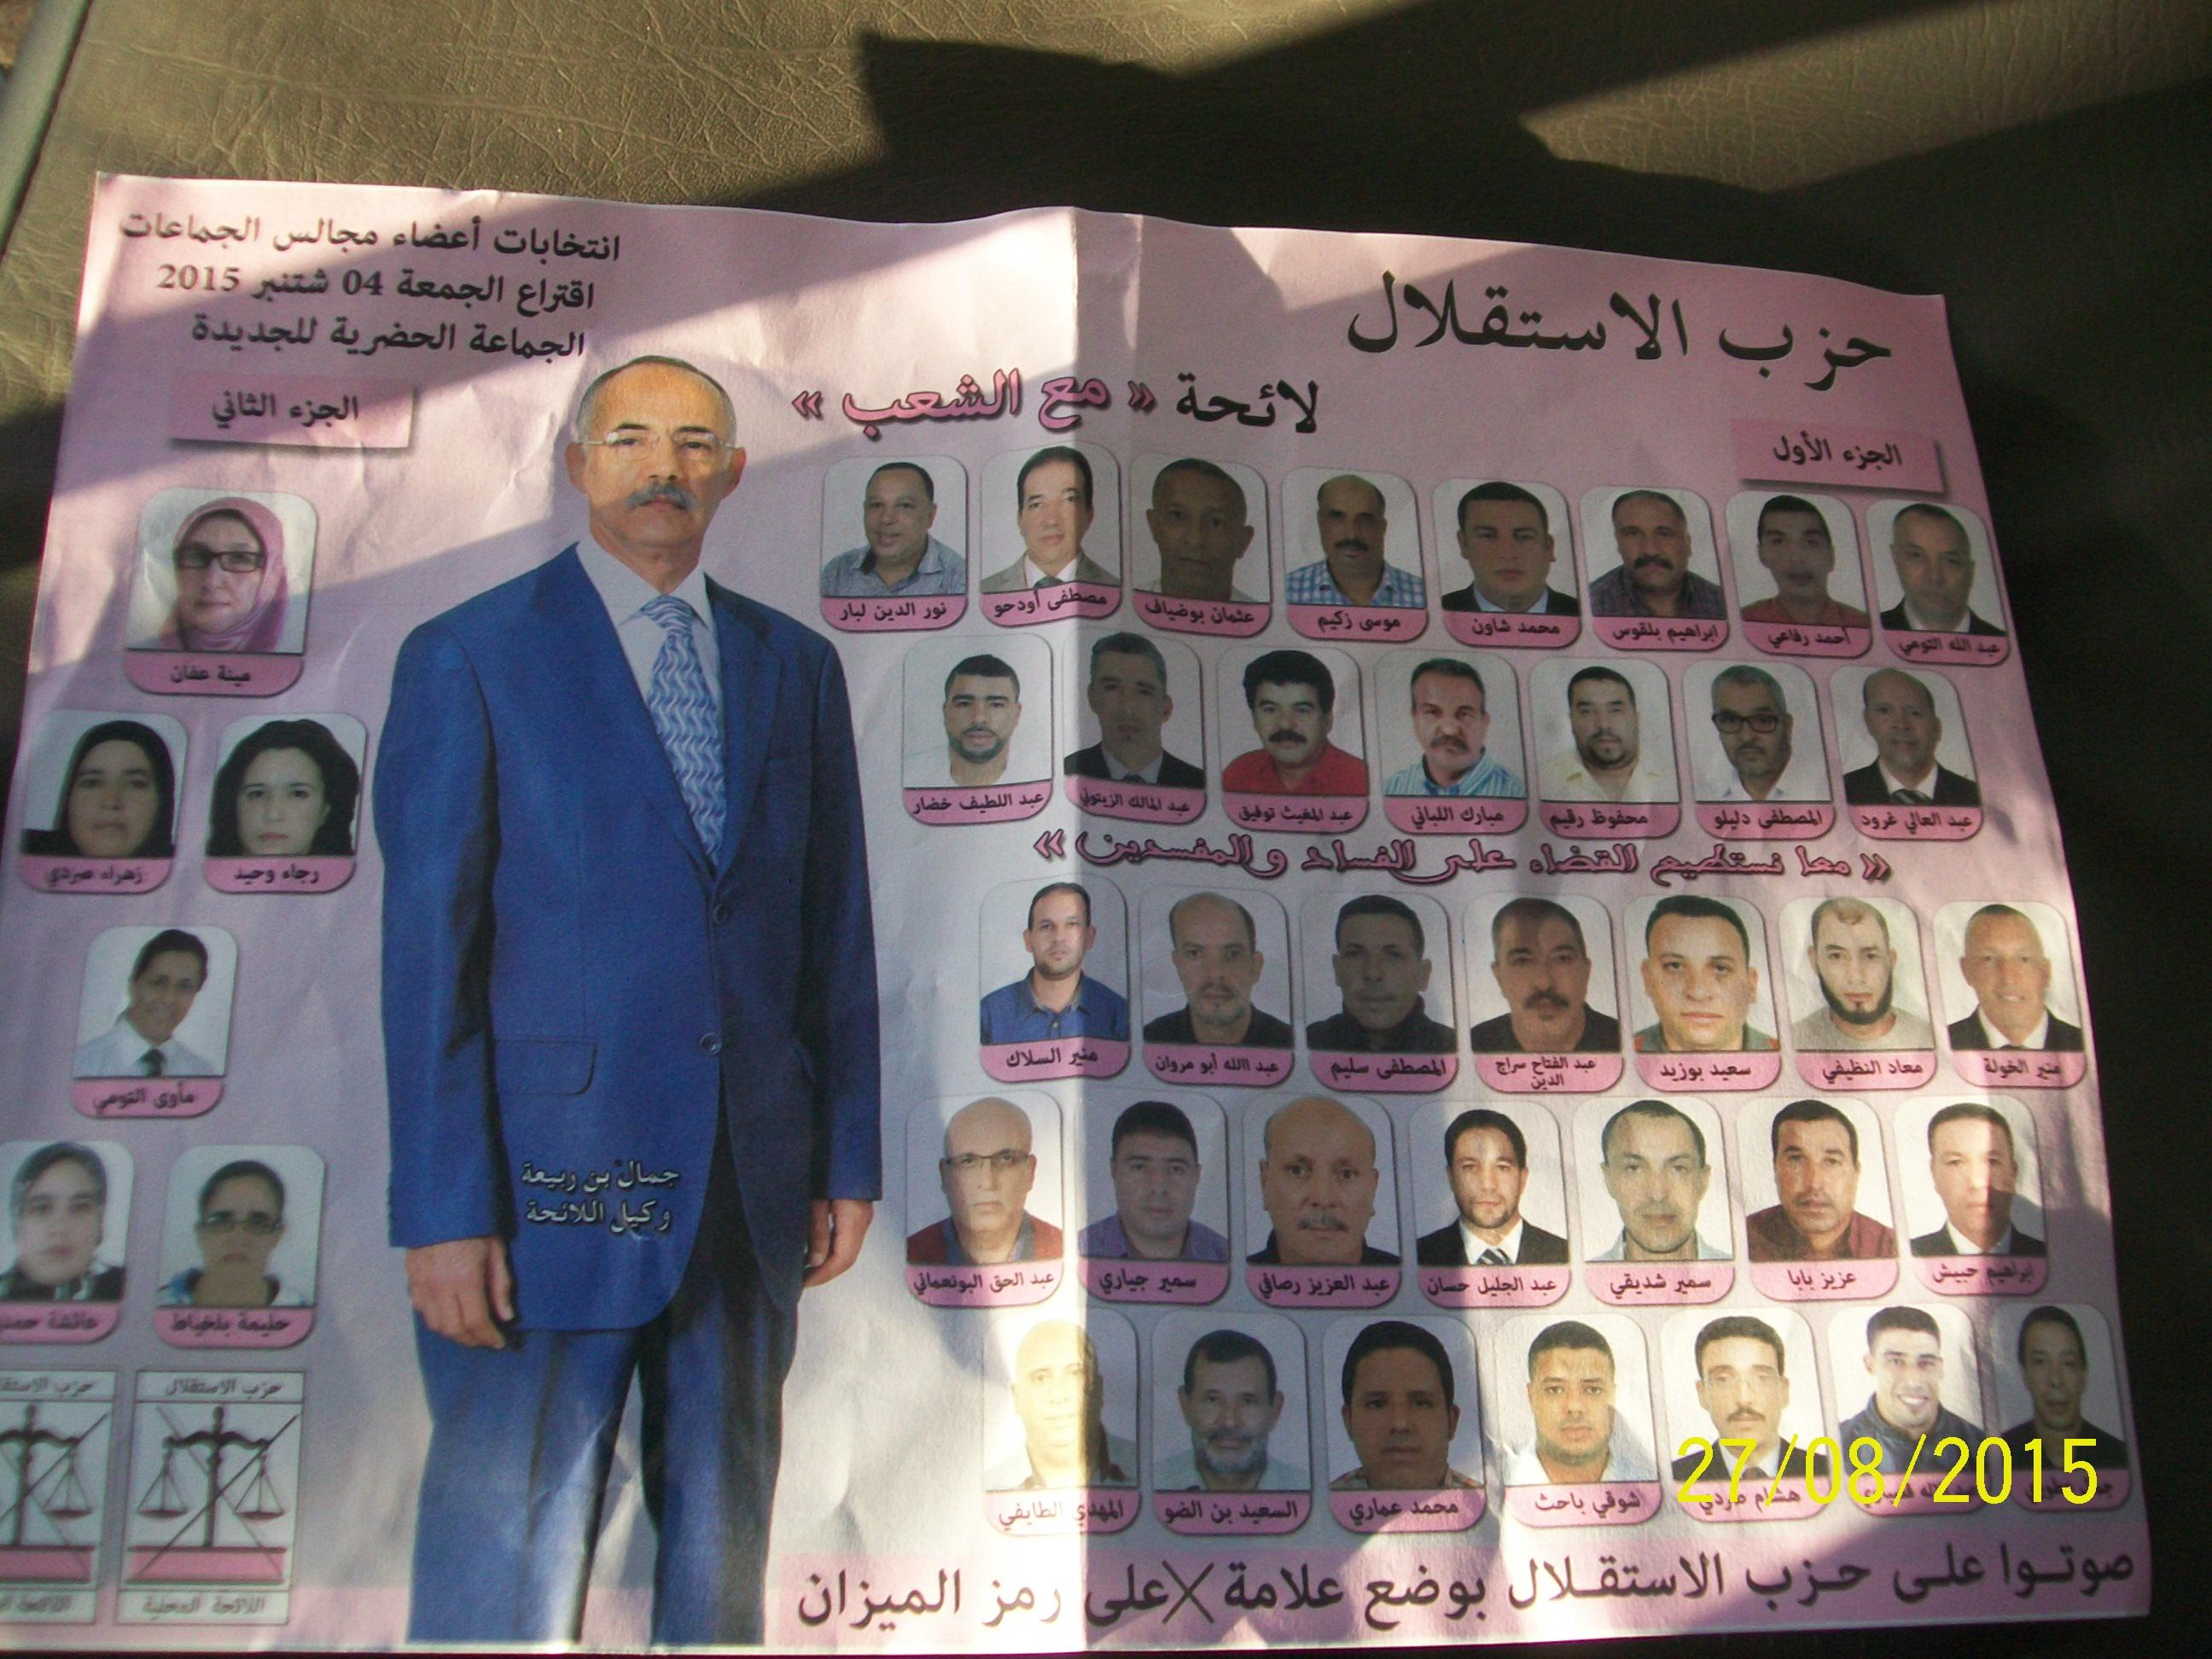 حملة انتخابية :نشر لوائح المترشحين و أسماء الوكلاء (لائحة حزب الاستقلال)